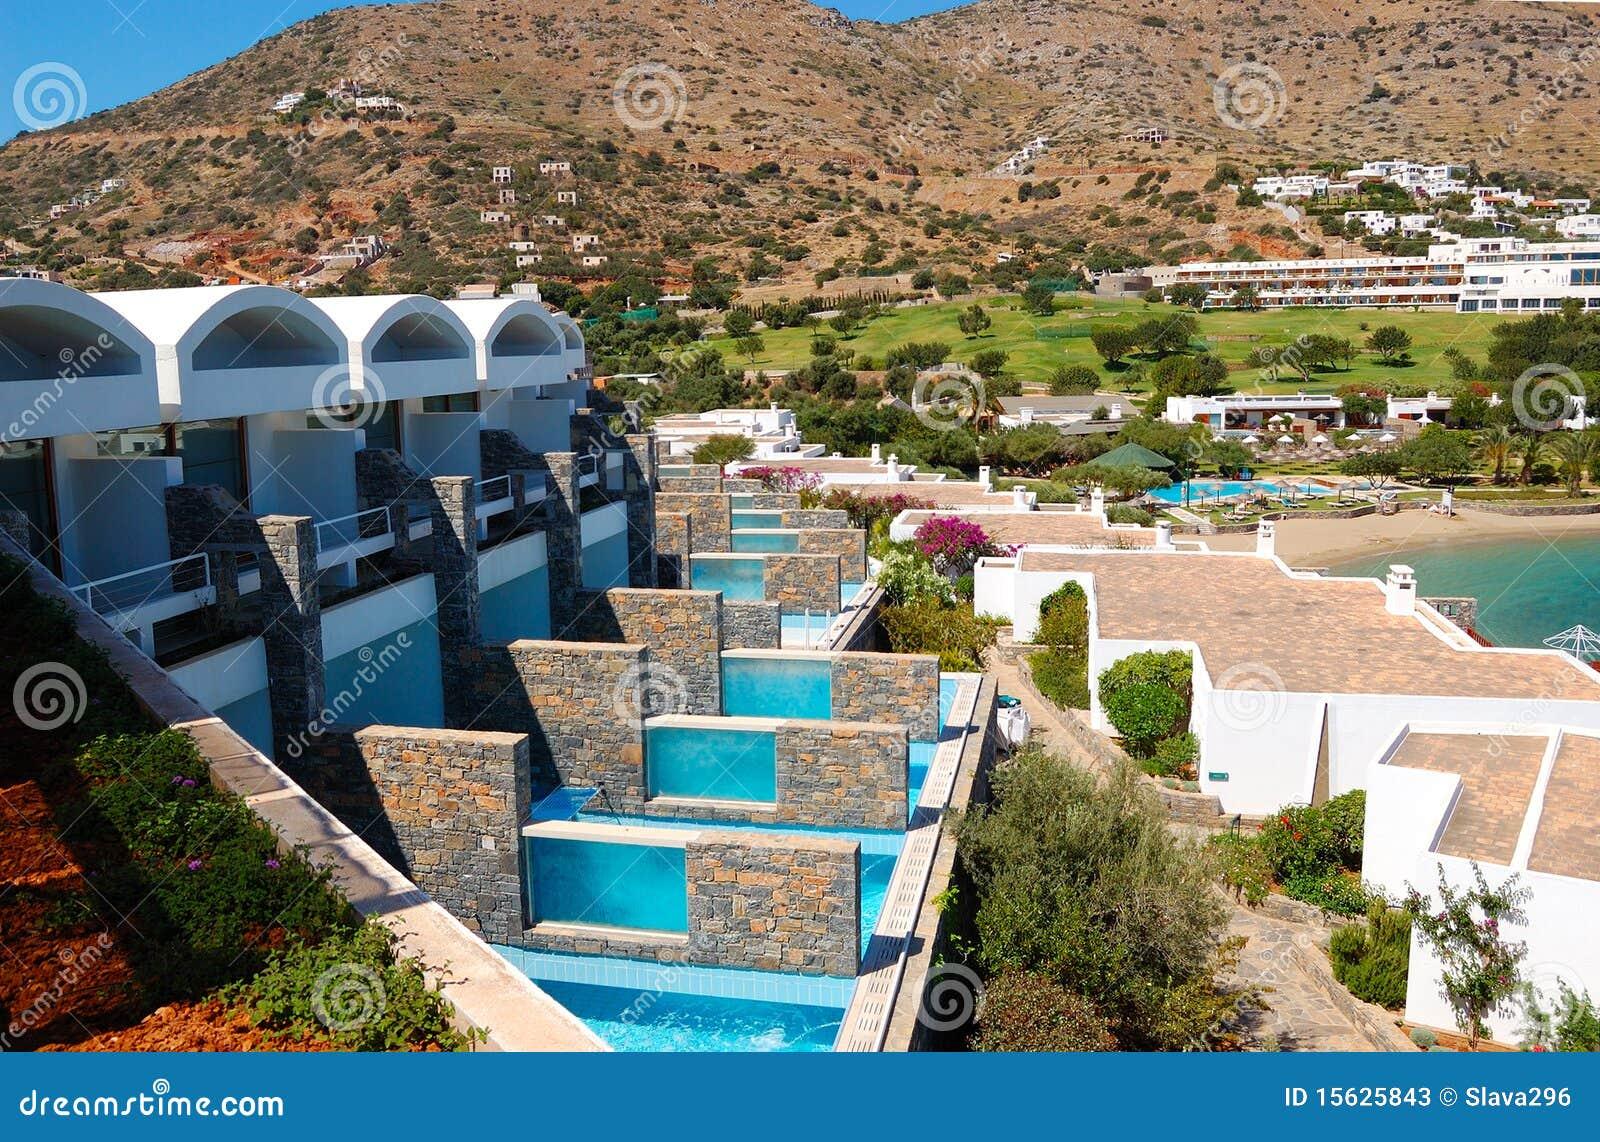 Casas de campo com piscinas do hotel de luxo imagem de for Modelos de piscinas de campo